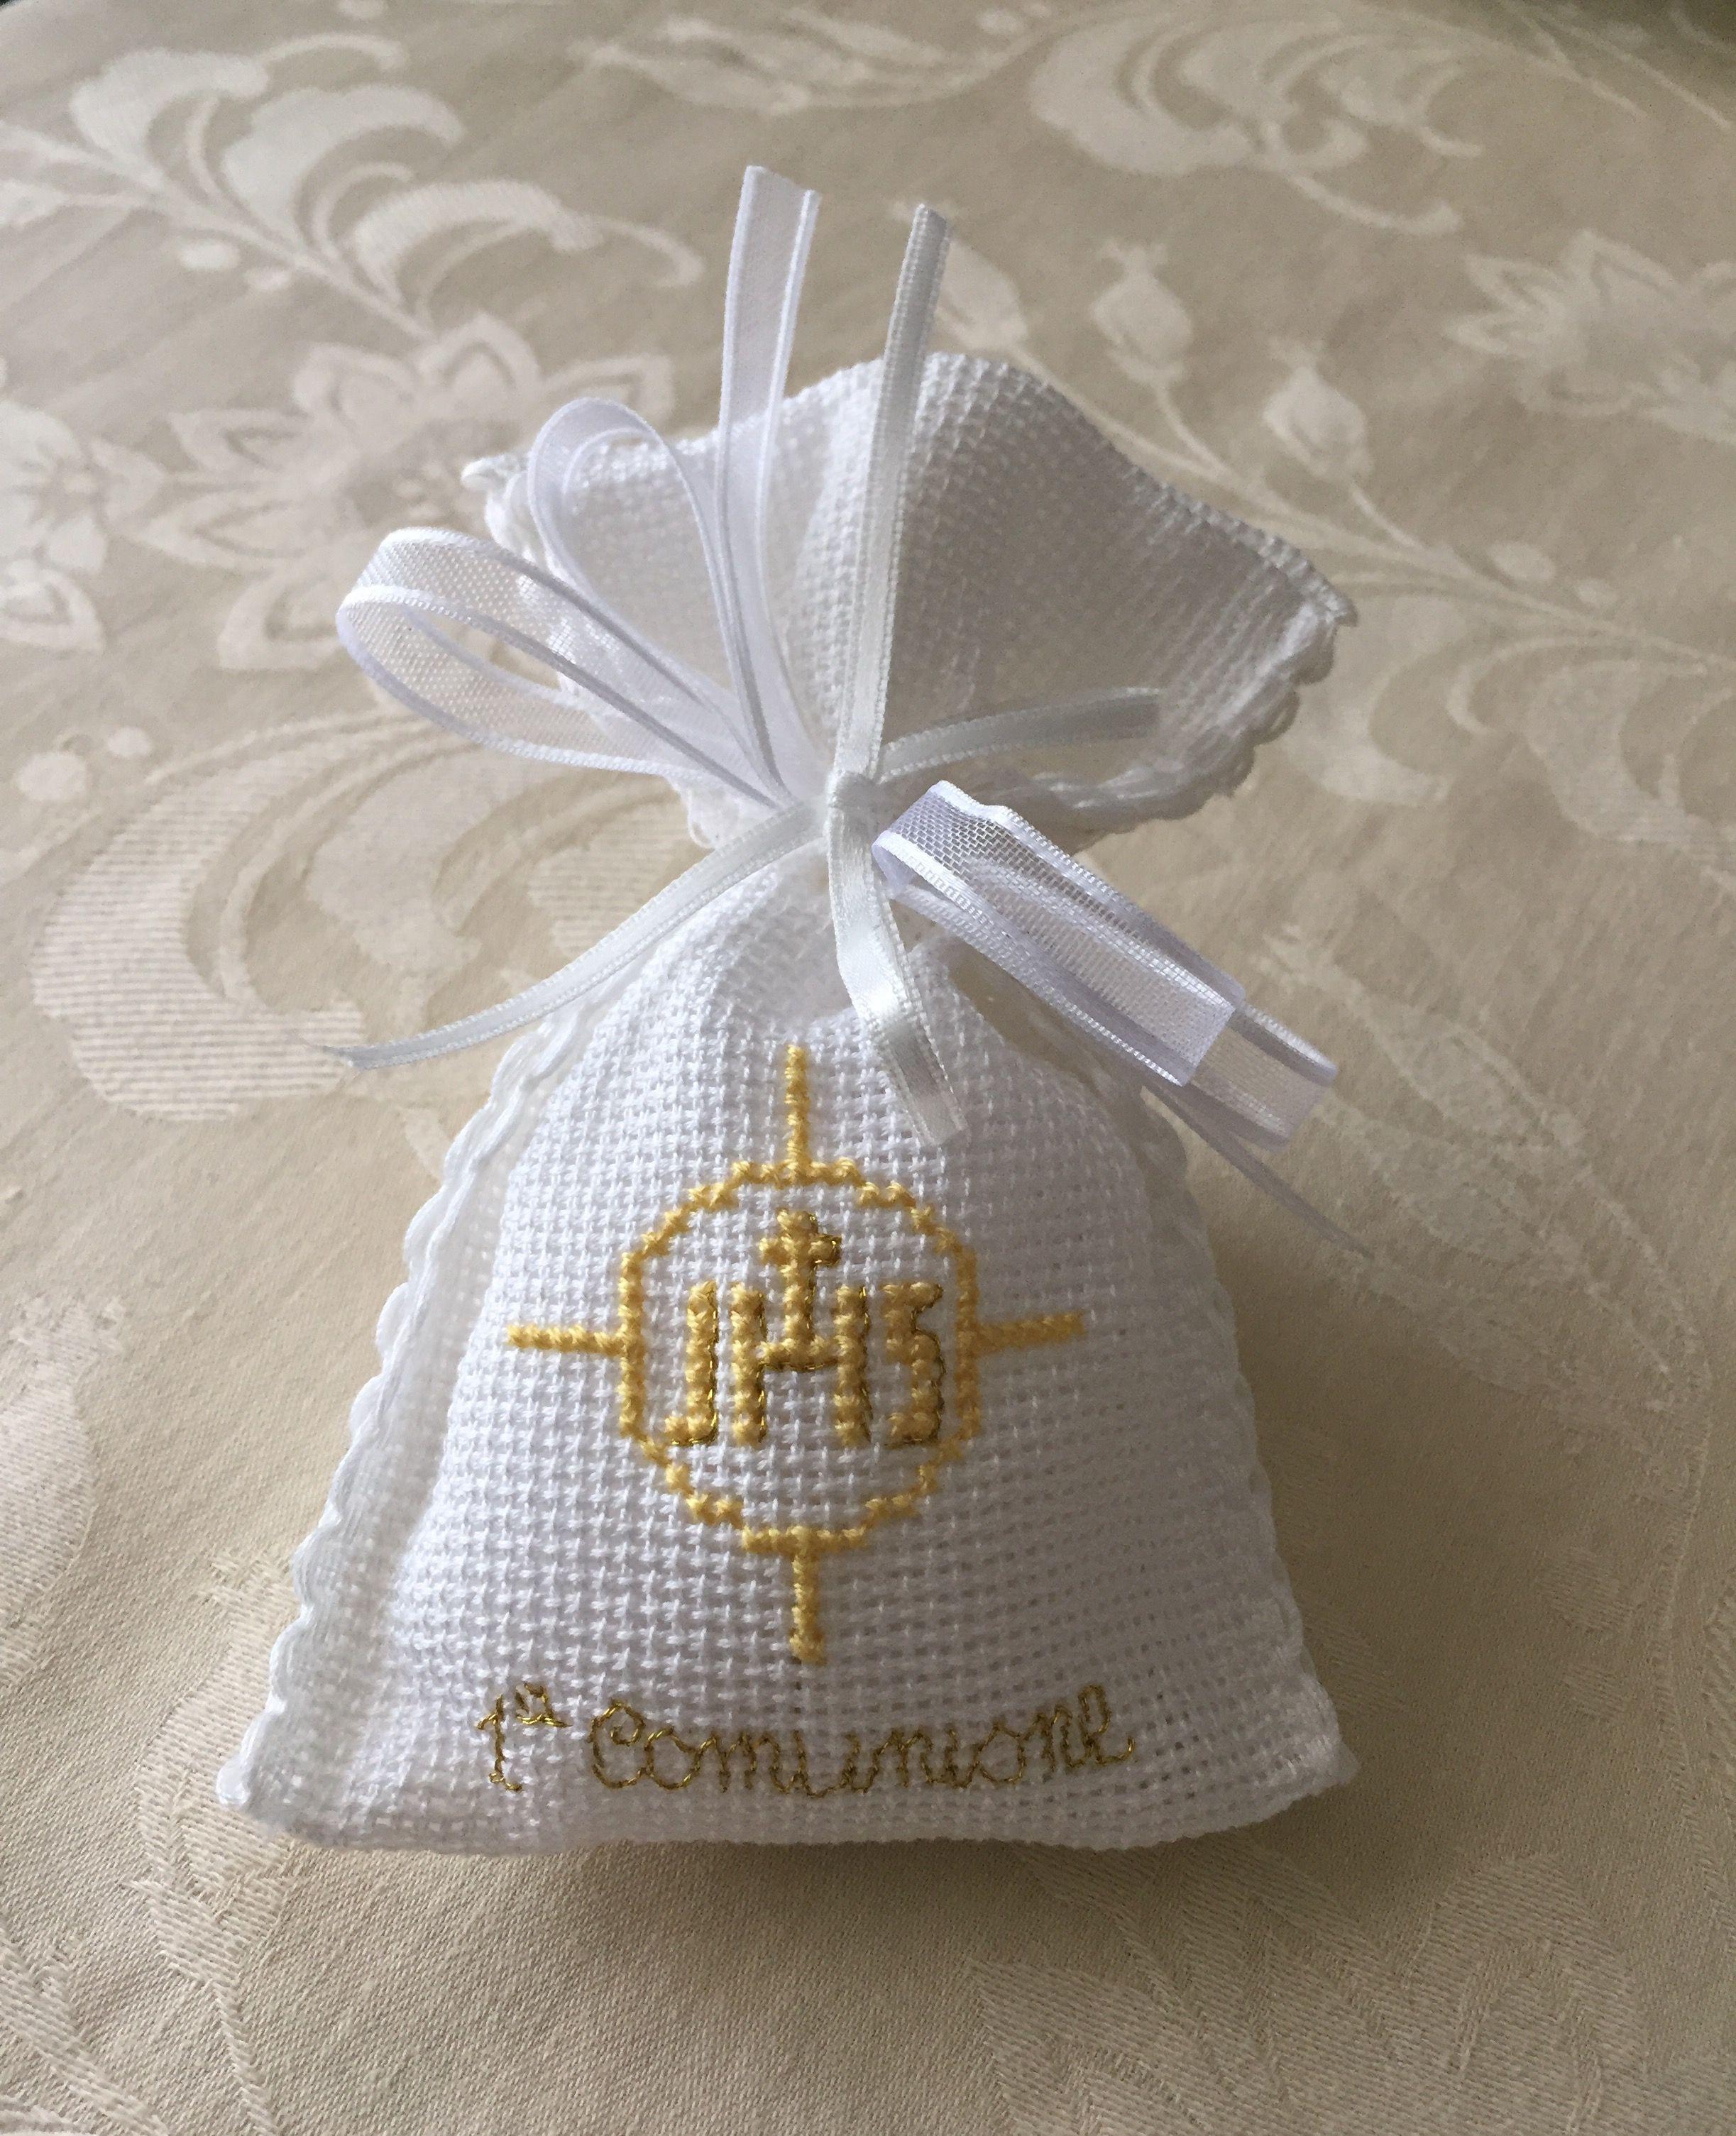 Sacchettino Bomboniera Confetti A Punto Croce Per Prima Comunione Punto Croce Ricamo Punto Croce Schemi Ricamo Punto Croce